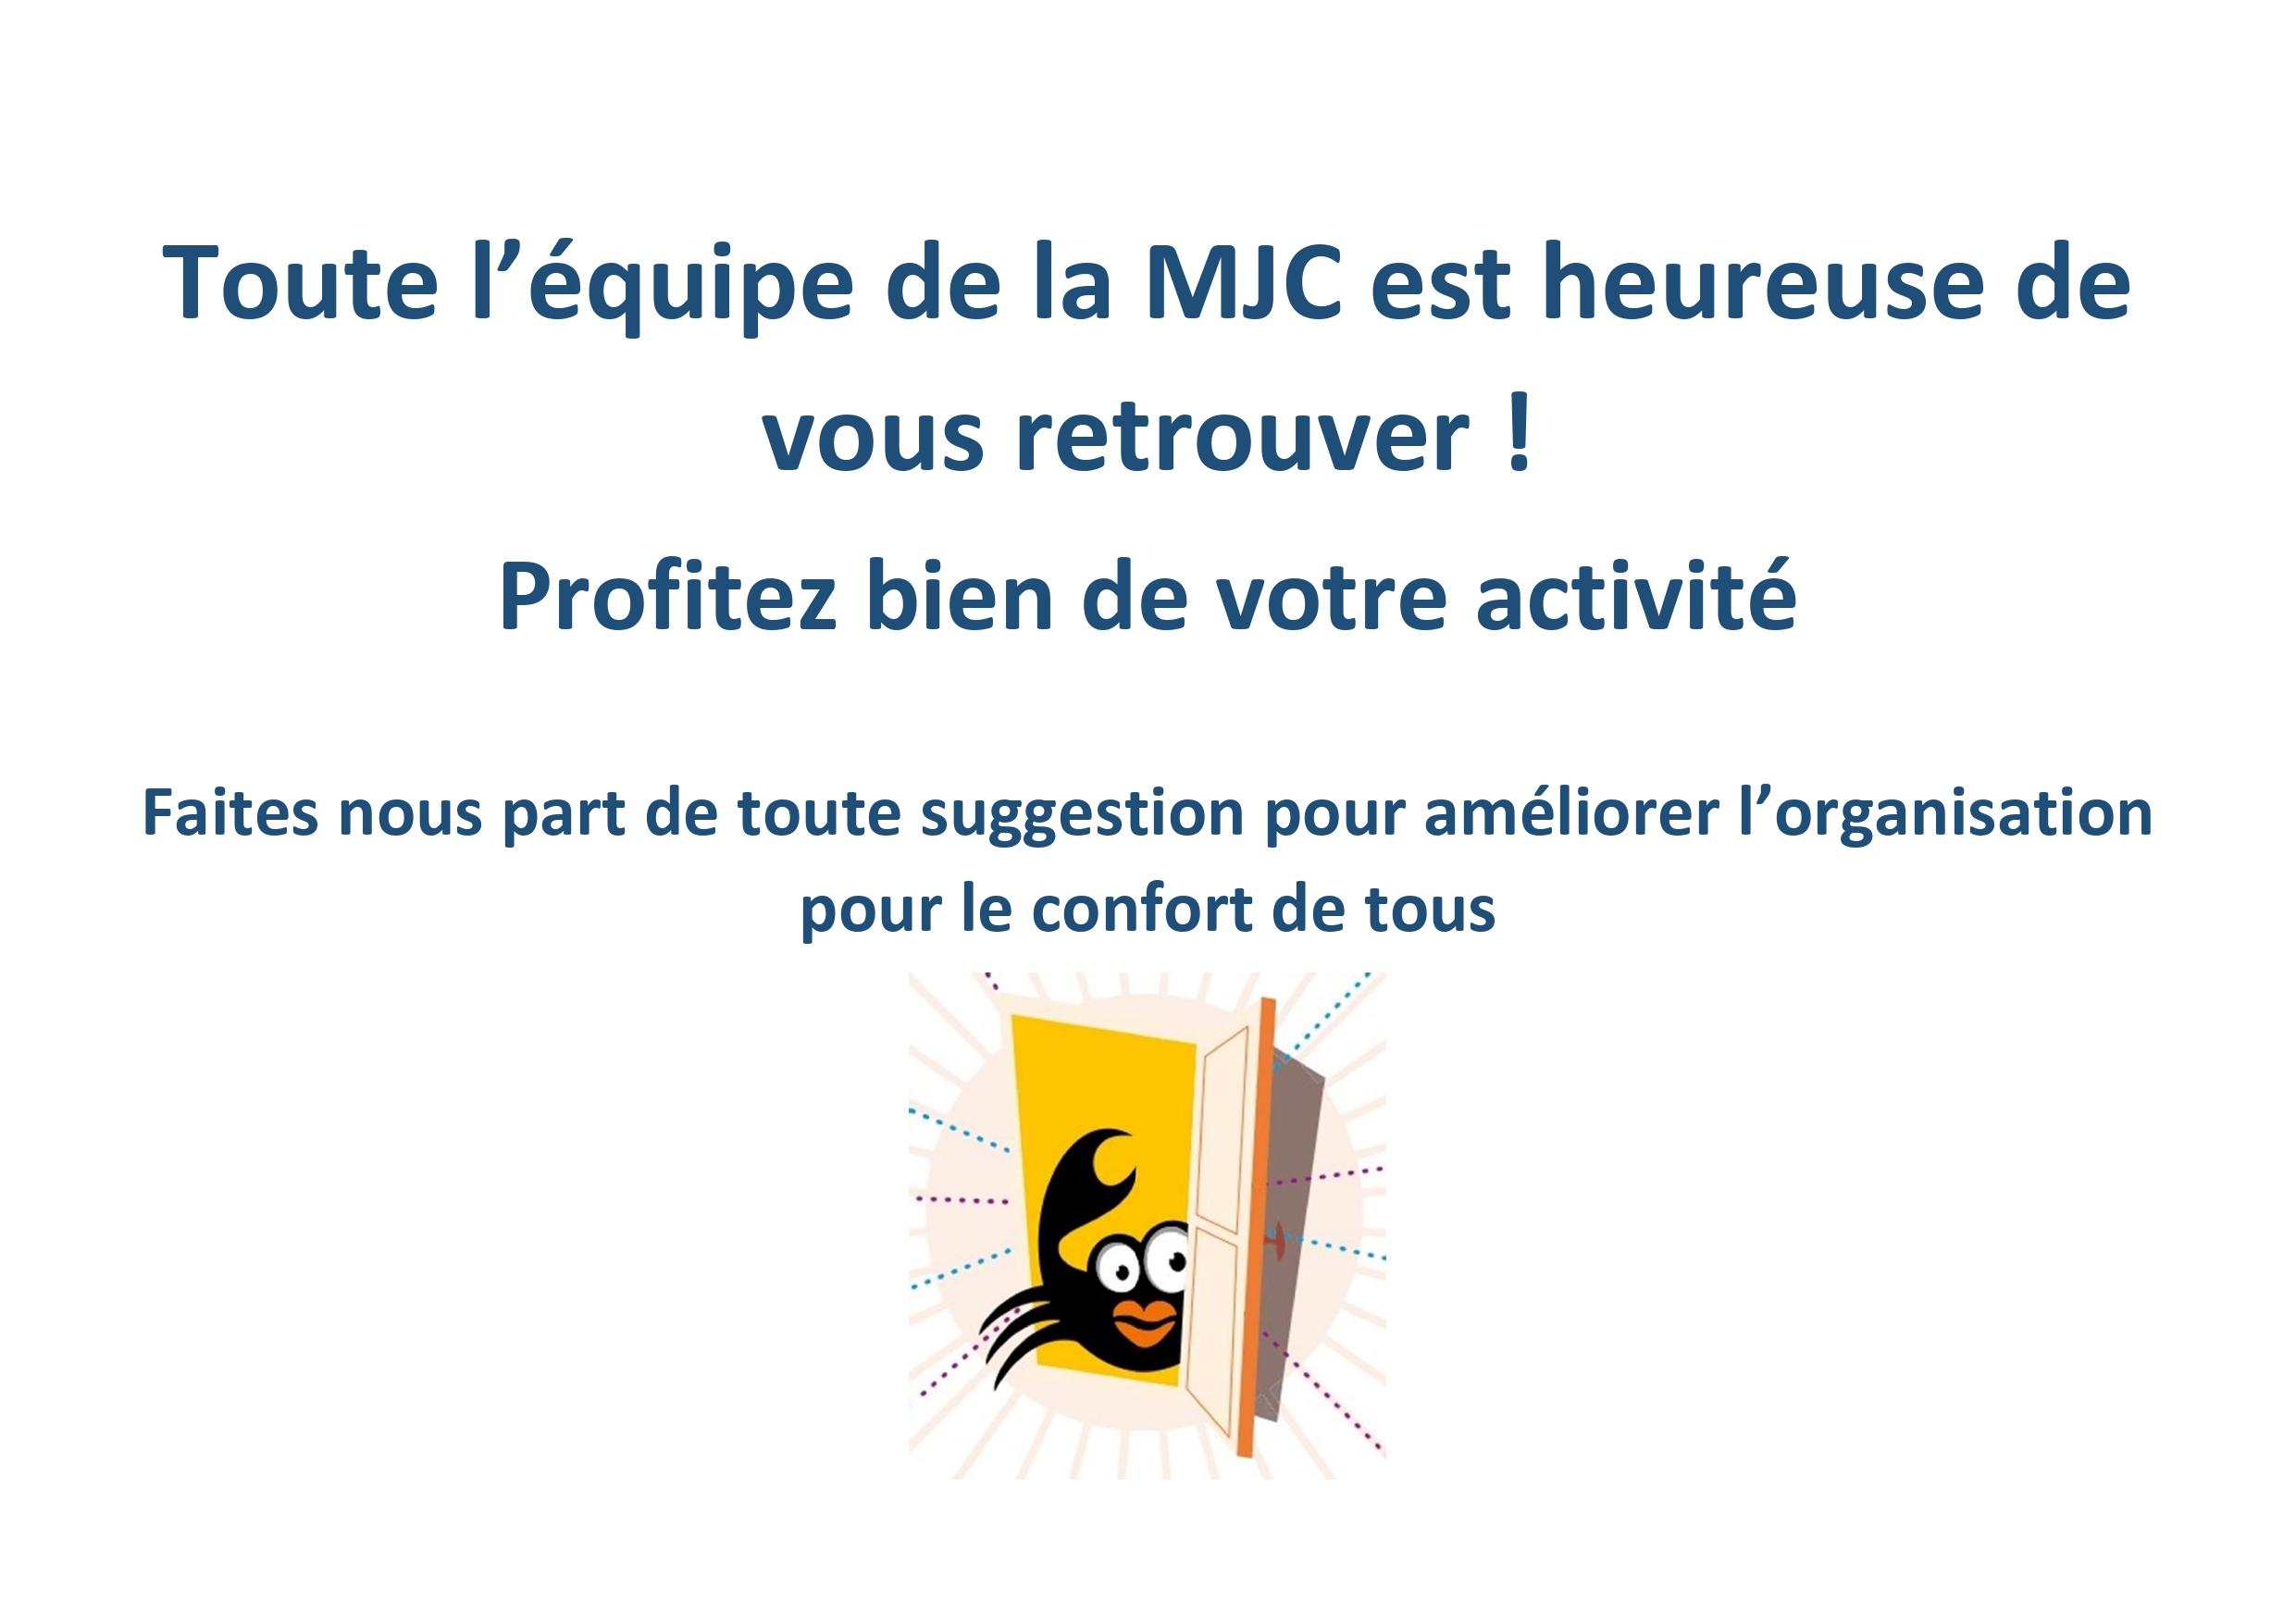 Reprise des activités de la MJC